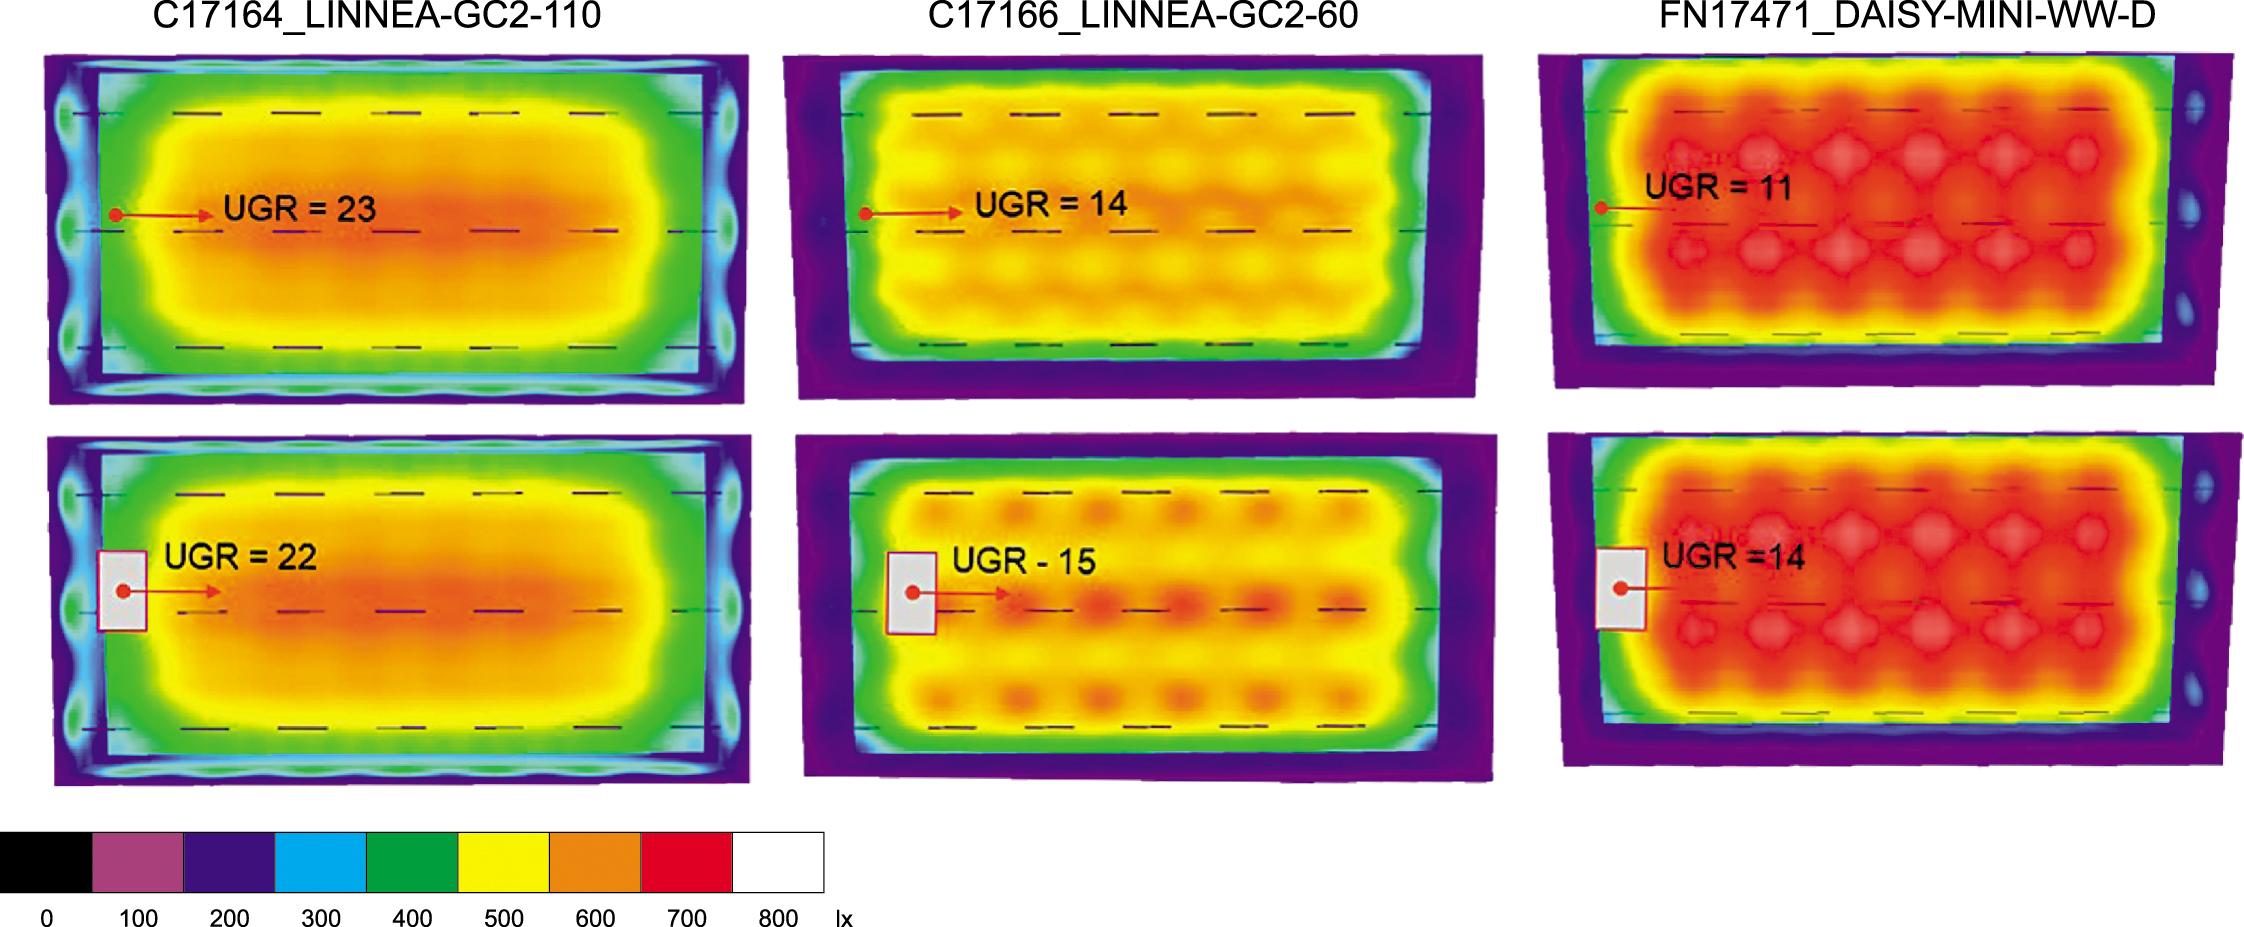 Распределение освещенности по помещению и значения UGR на высоте 1,2 м в торце помещения. Вверху приведены значения, полученные на базе точечного метода, внизу — на базе сеточного метода